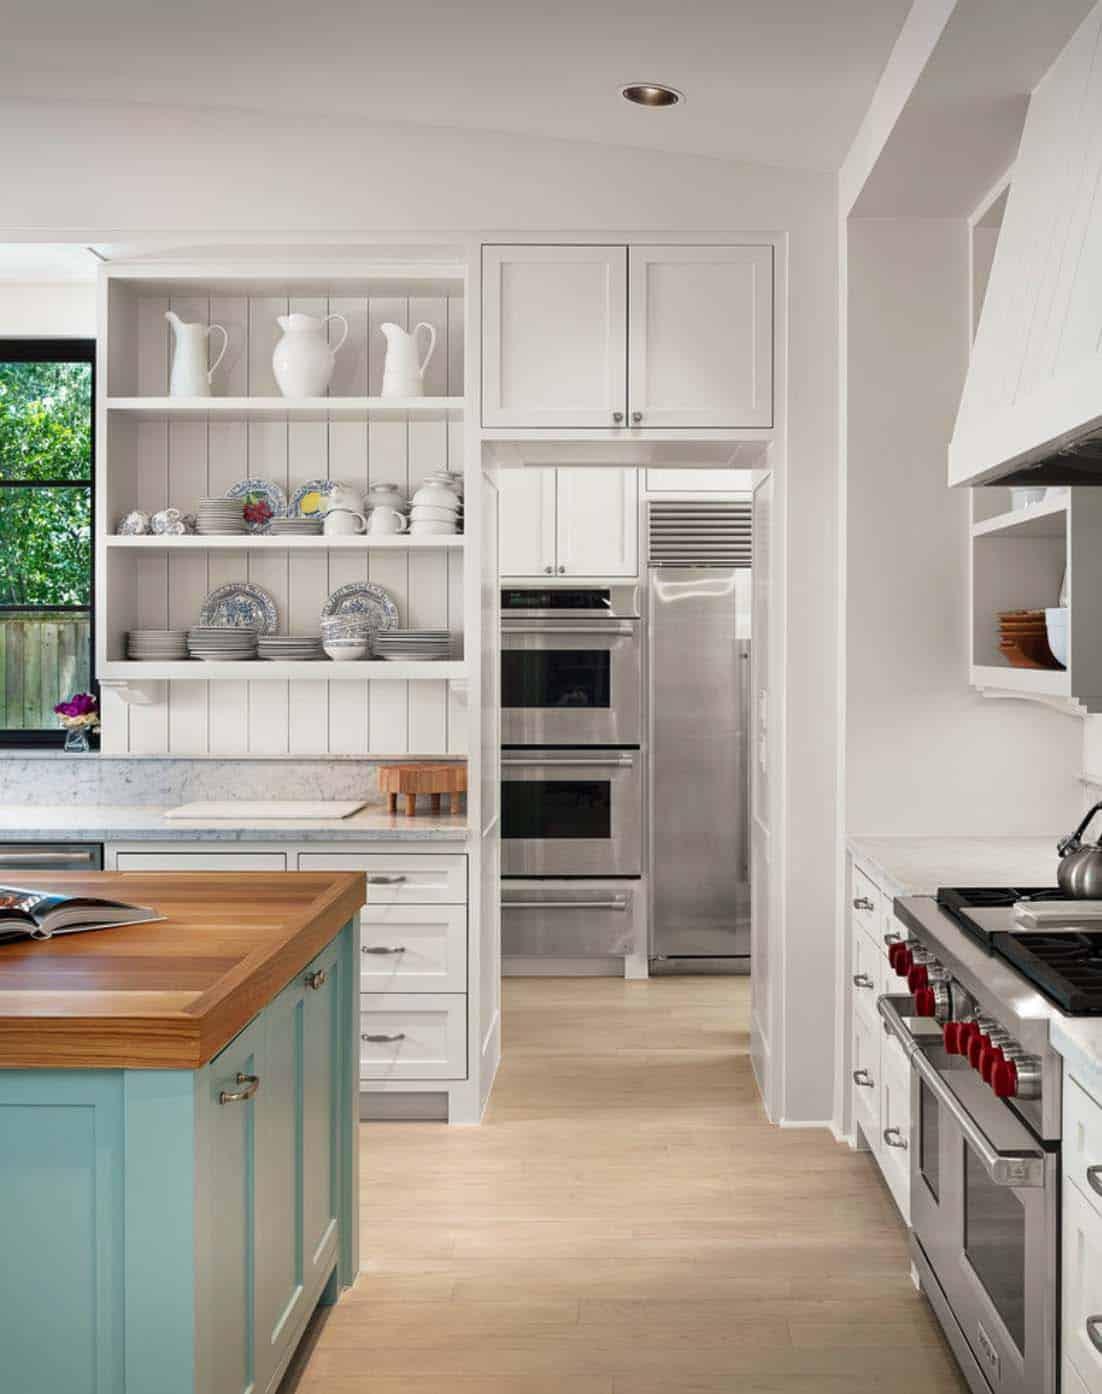 Farmhouse Style Home-Dillon Kyle Architects-07-1 Kindesign